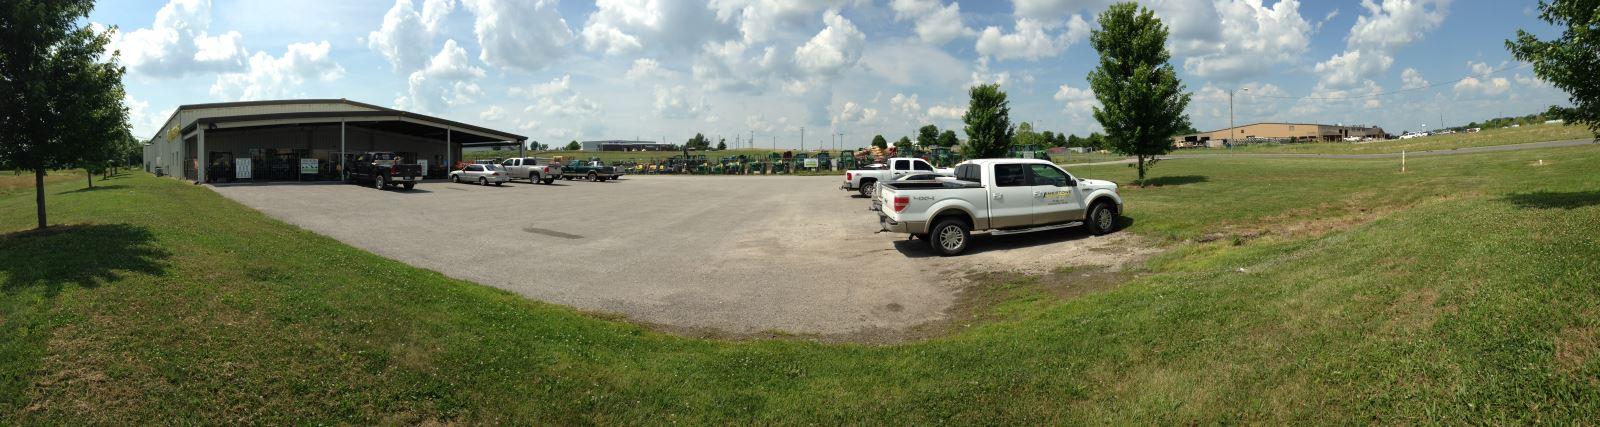 Meade Tractor of Danville, Kentucky